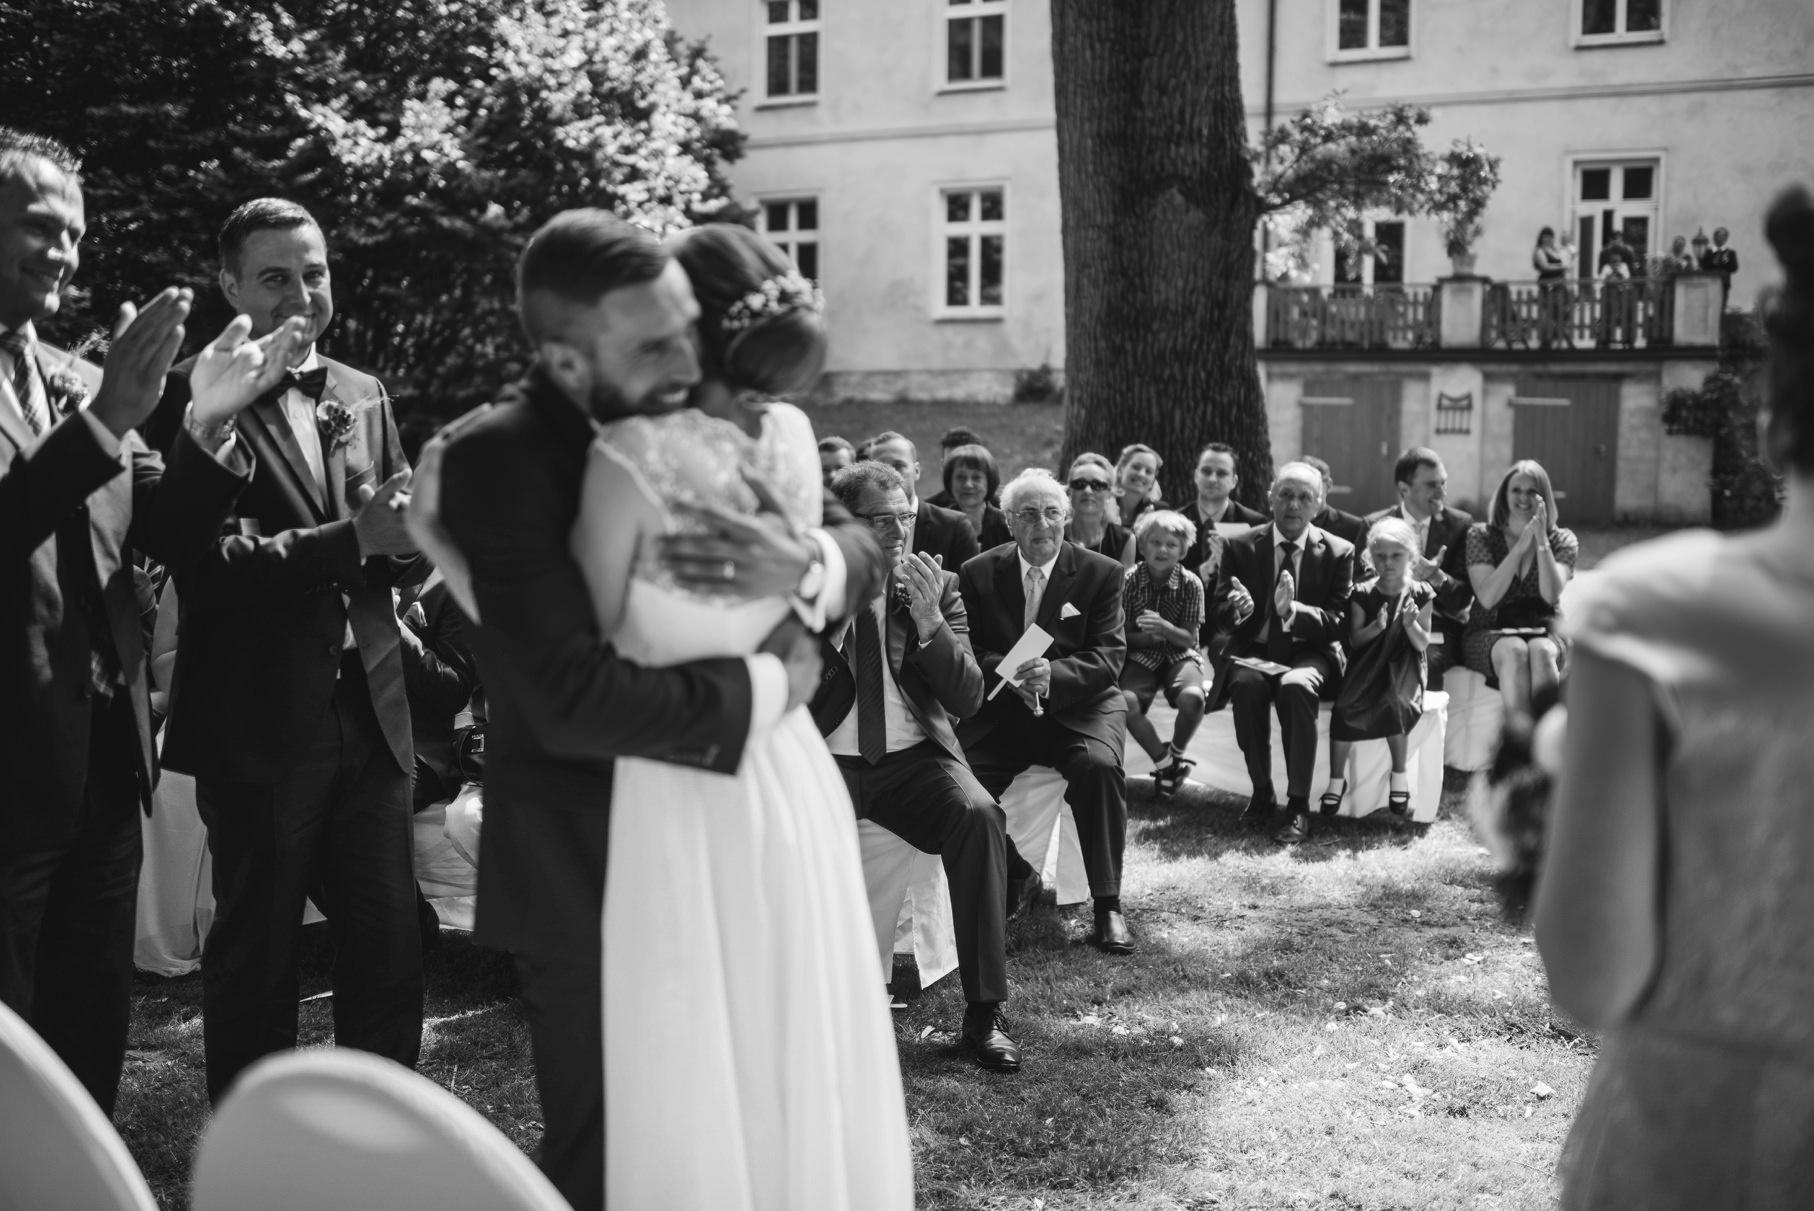 0050 schloss neuhausen hochzeitsfotograf hamburg anne bjoern - Hochzeit auf Schloss Neuhausen - Anne & Sebastian